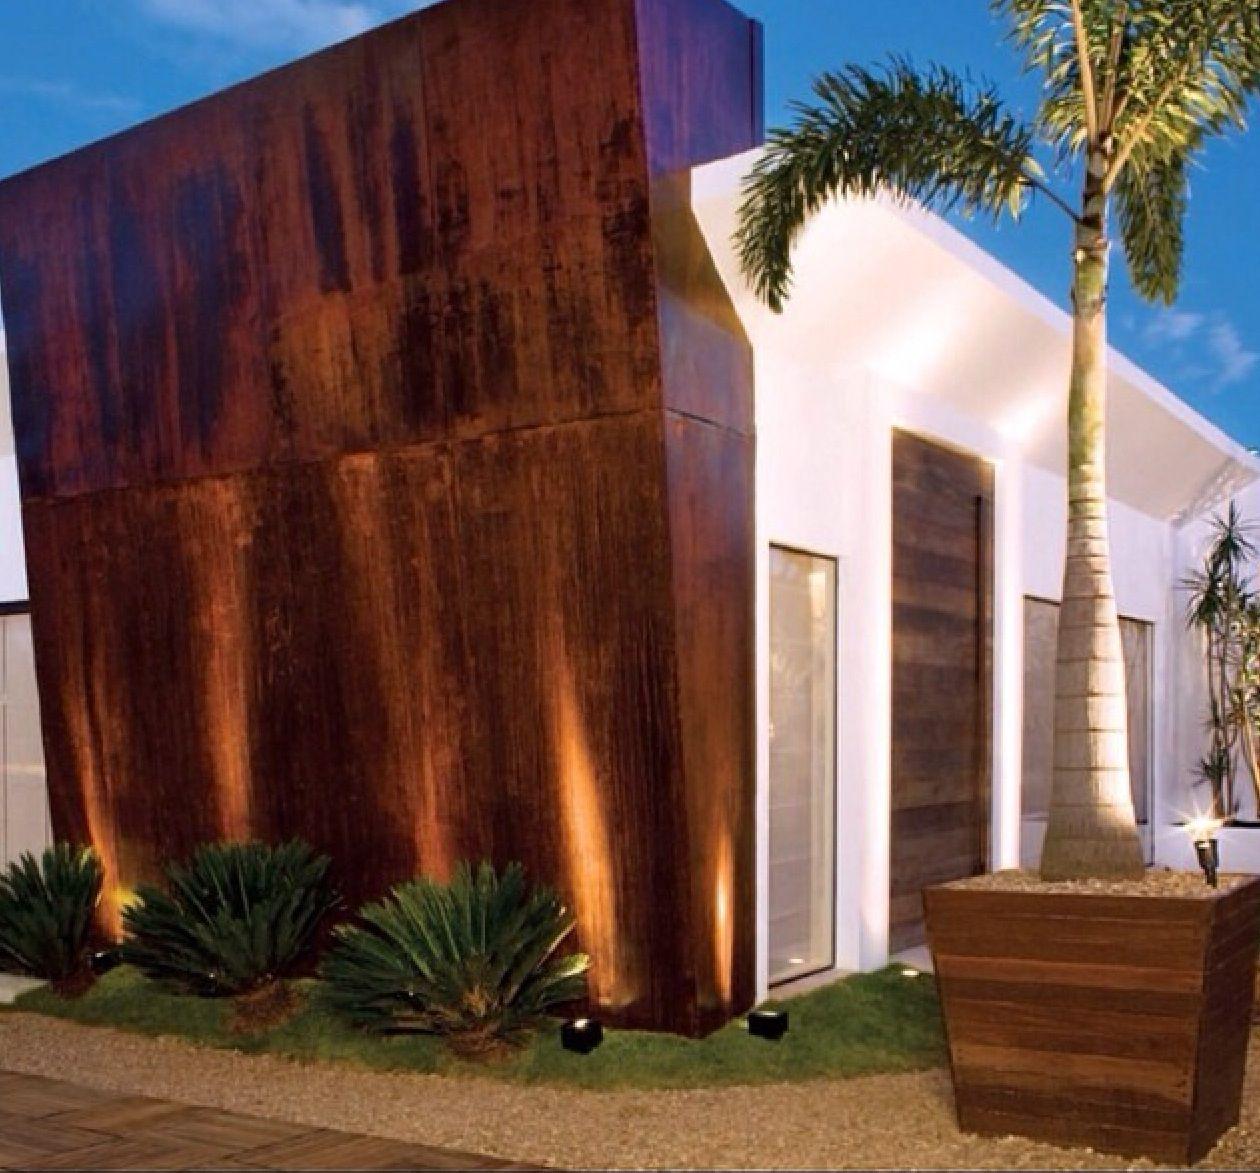 新築住宅の外観アイディア10選 箱型なナウトレンドデザイン: FACHADAS